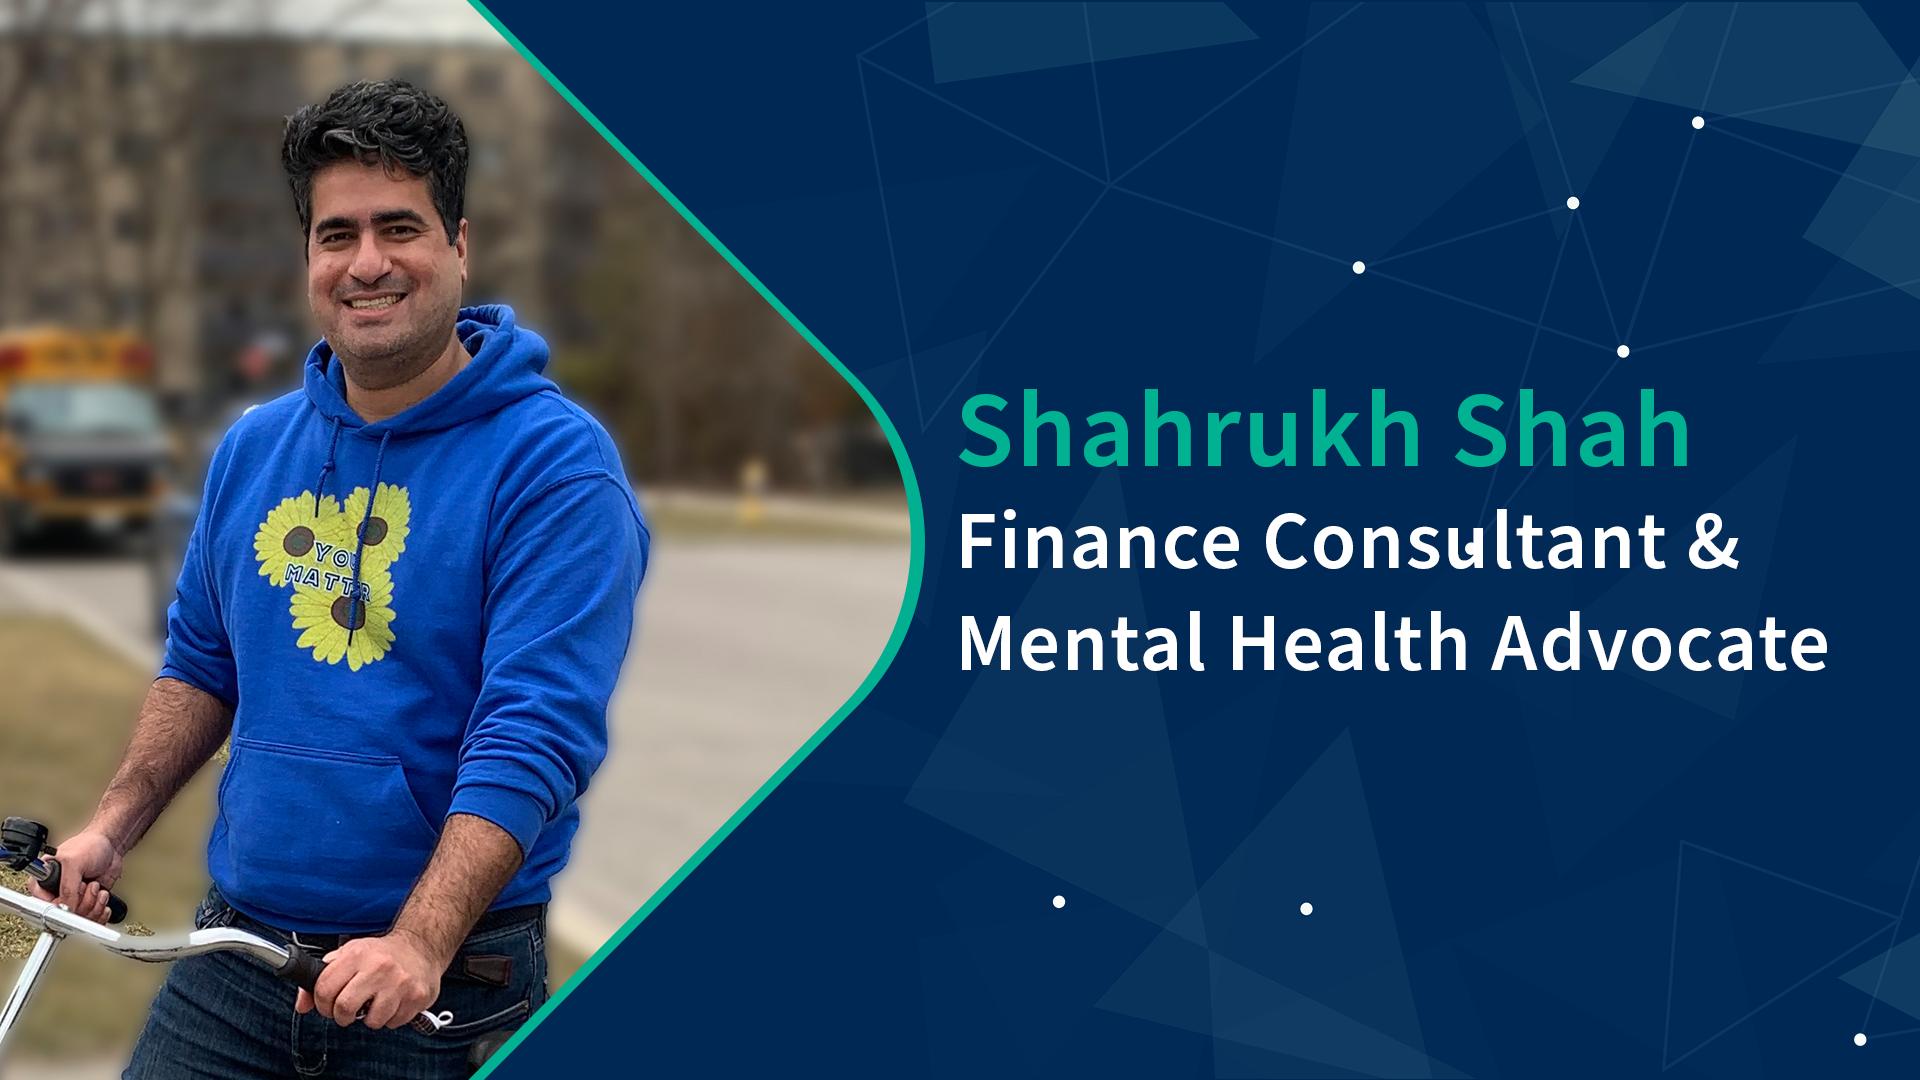 finance consultant shahrukh shah